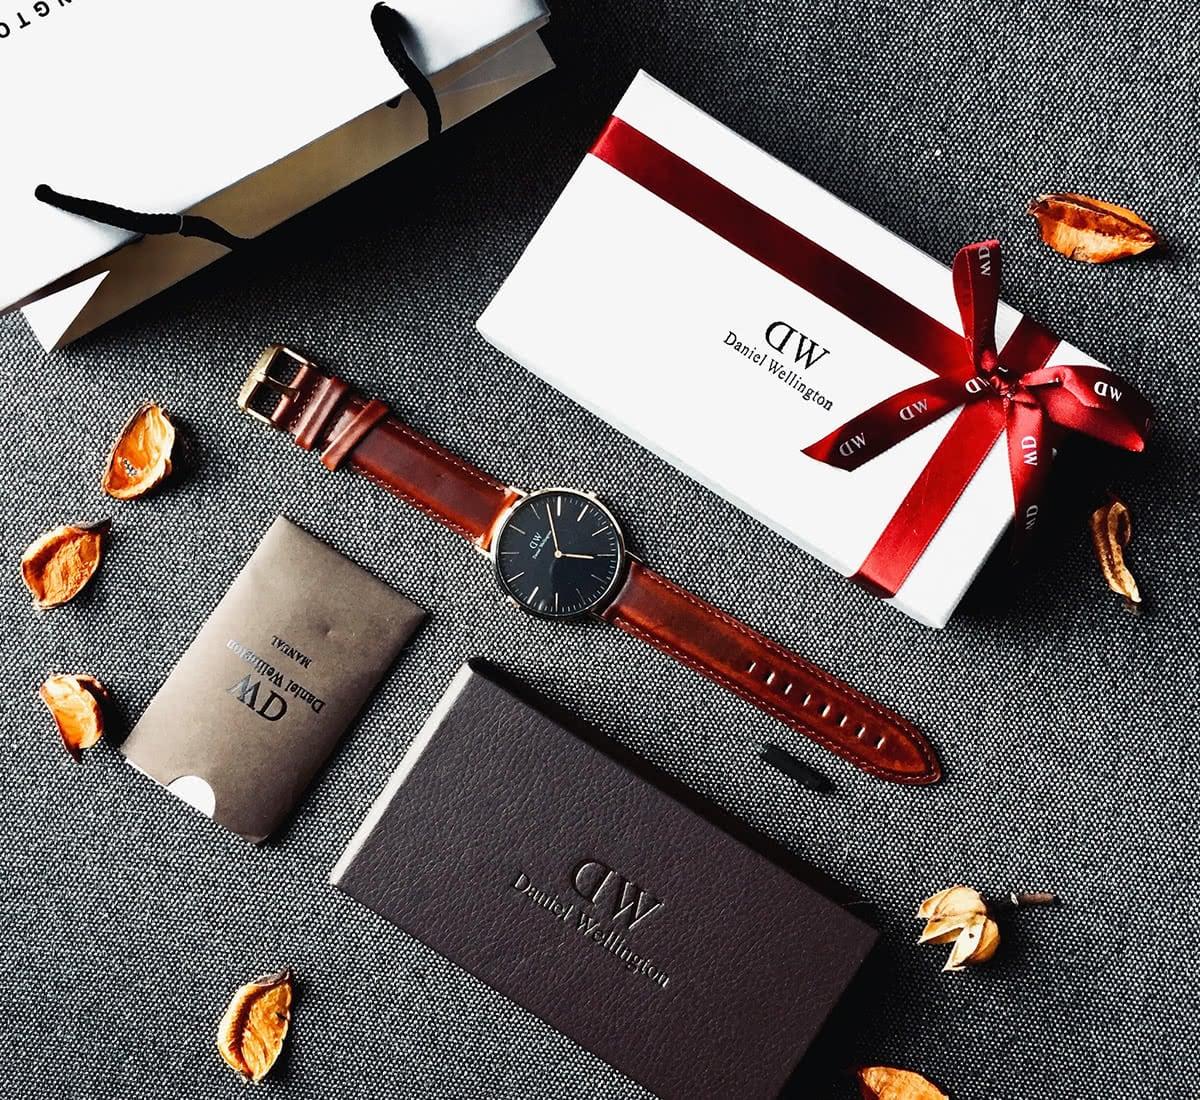 Luxe Digital luxury watch Daniel Wellington